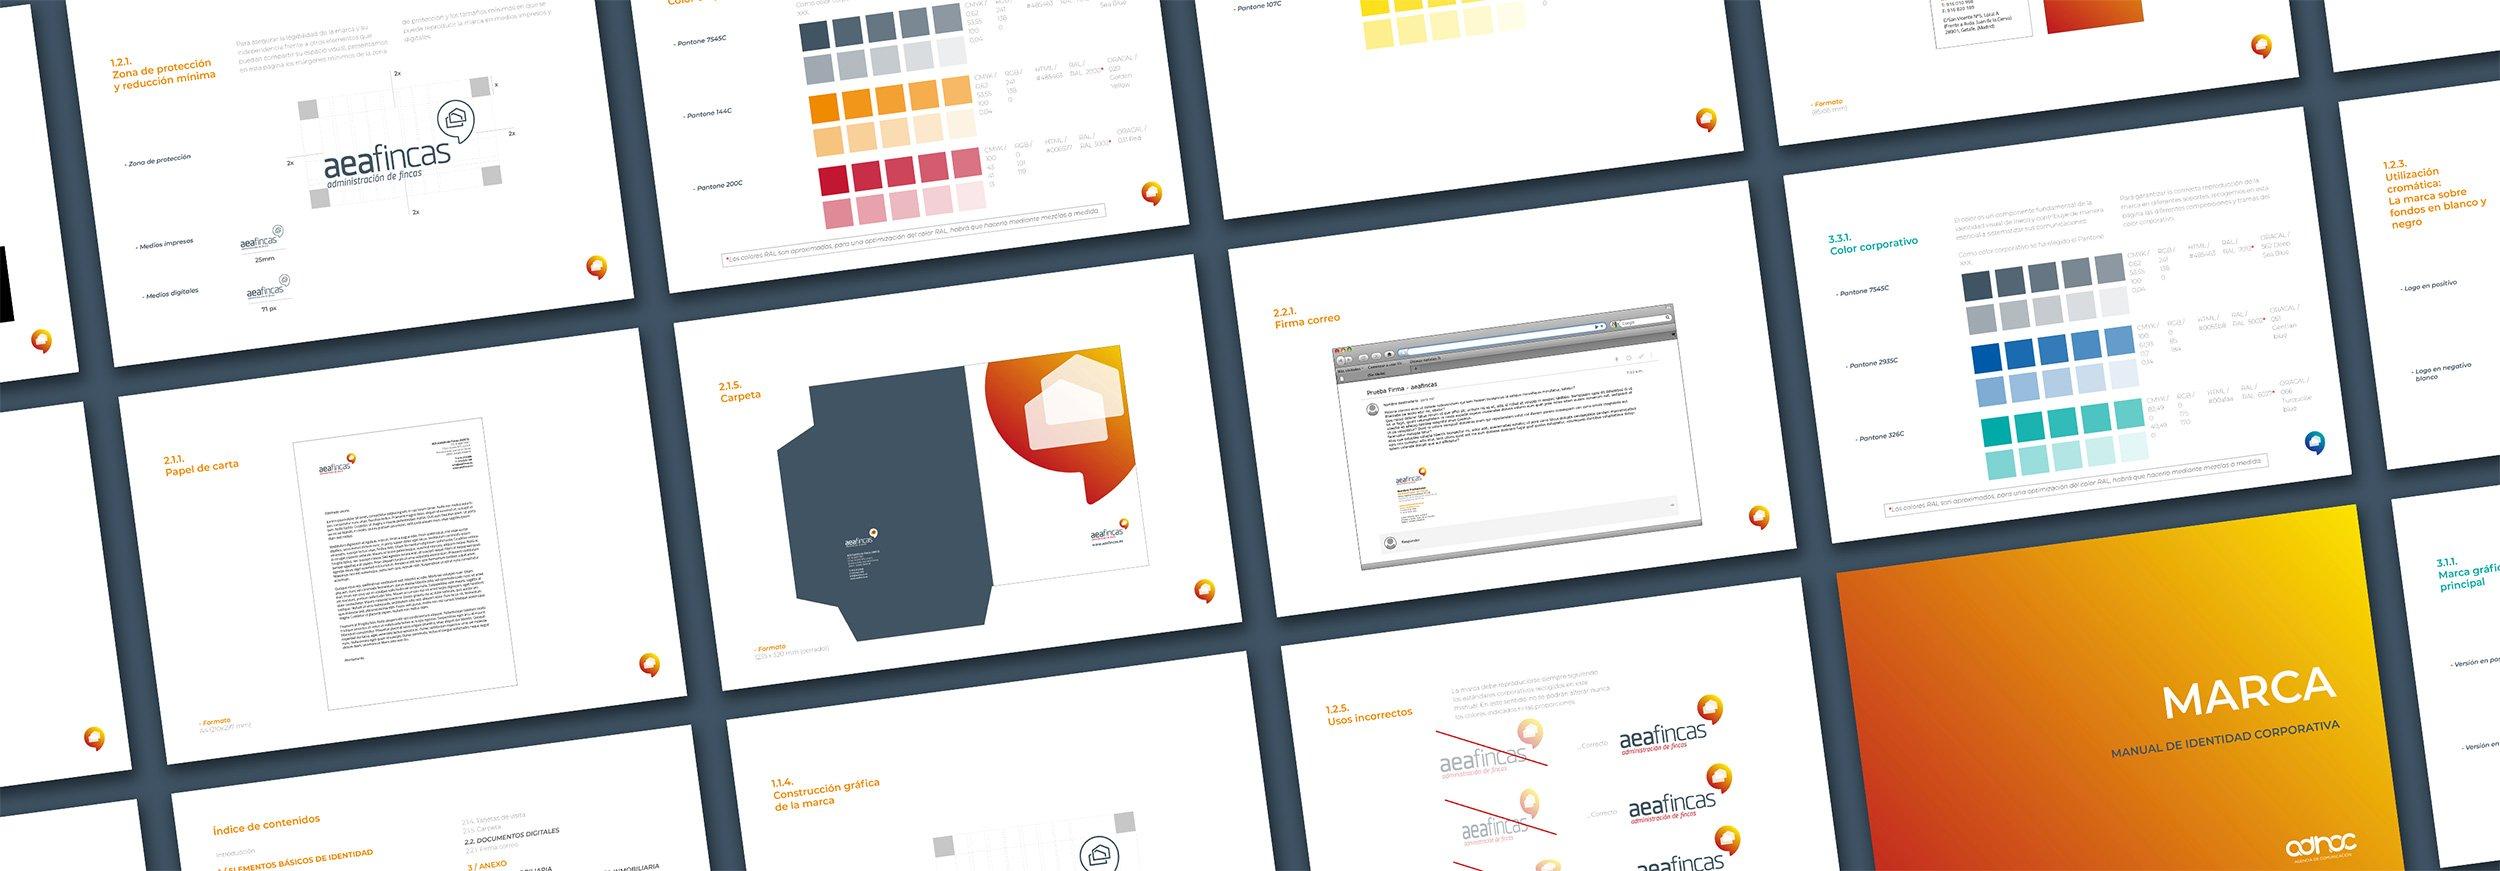 diseño-web-aefincas-agencia-adhoc